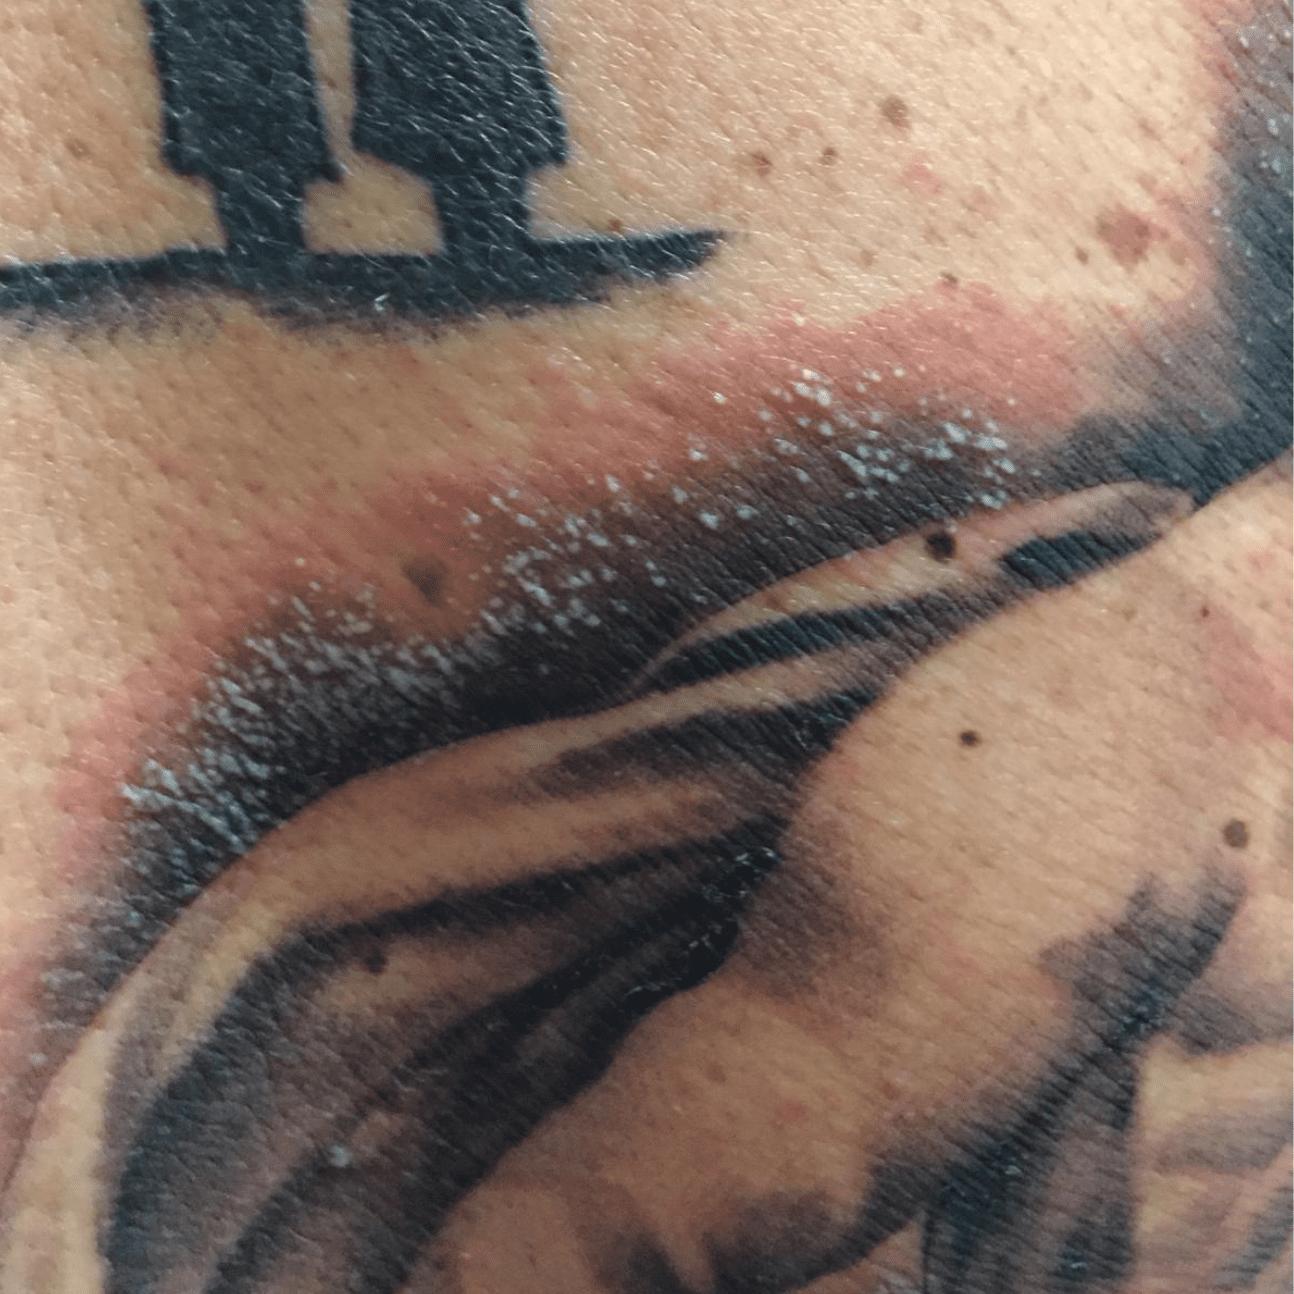 Esempio di infezione da tatuaggio